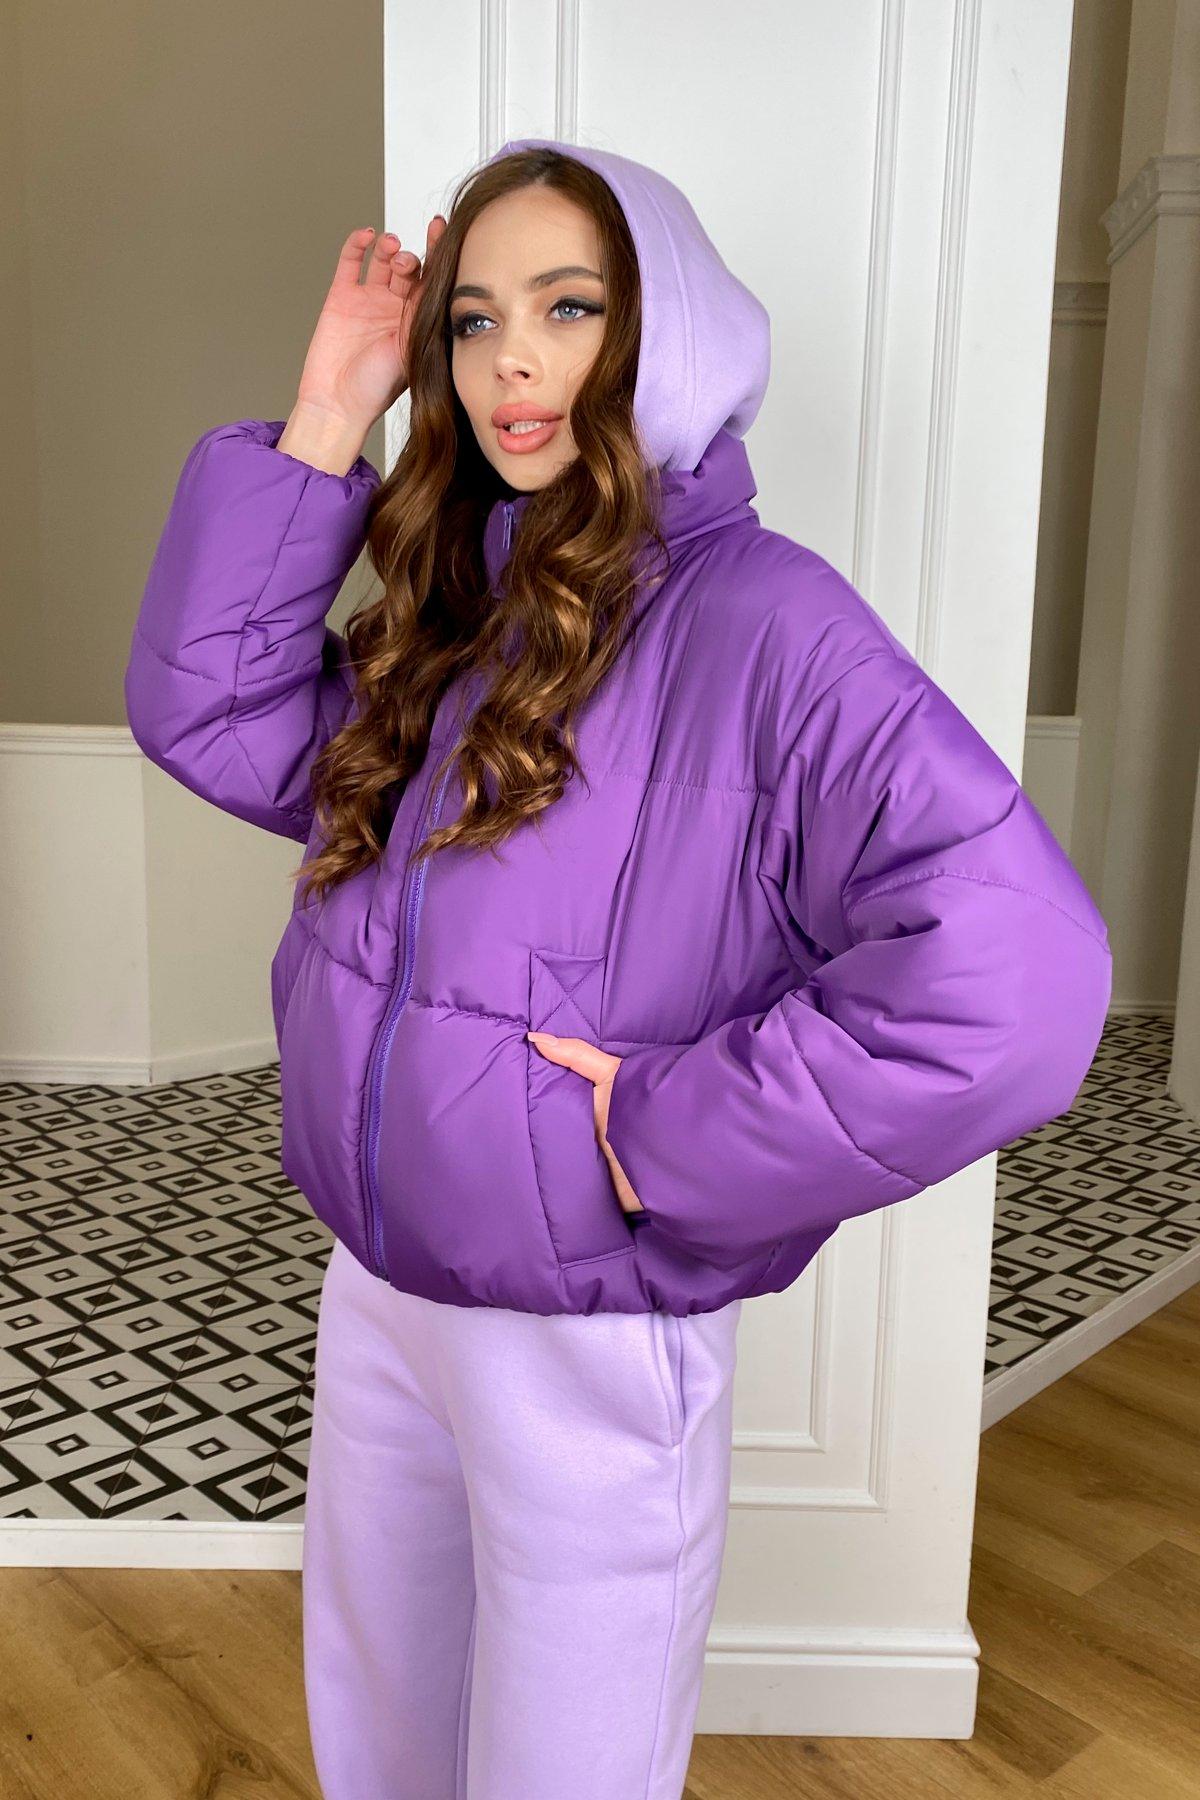 Драйв куртка из плащевой ткани 10448 АРТ. 46767 Цвет: Сиреневый 861 - фото 8, интернет магазин tm-modus.ru